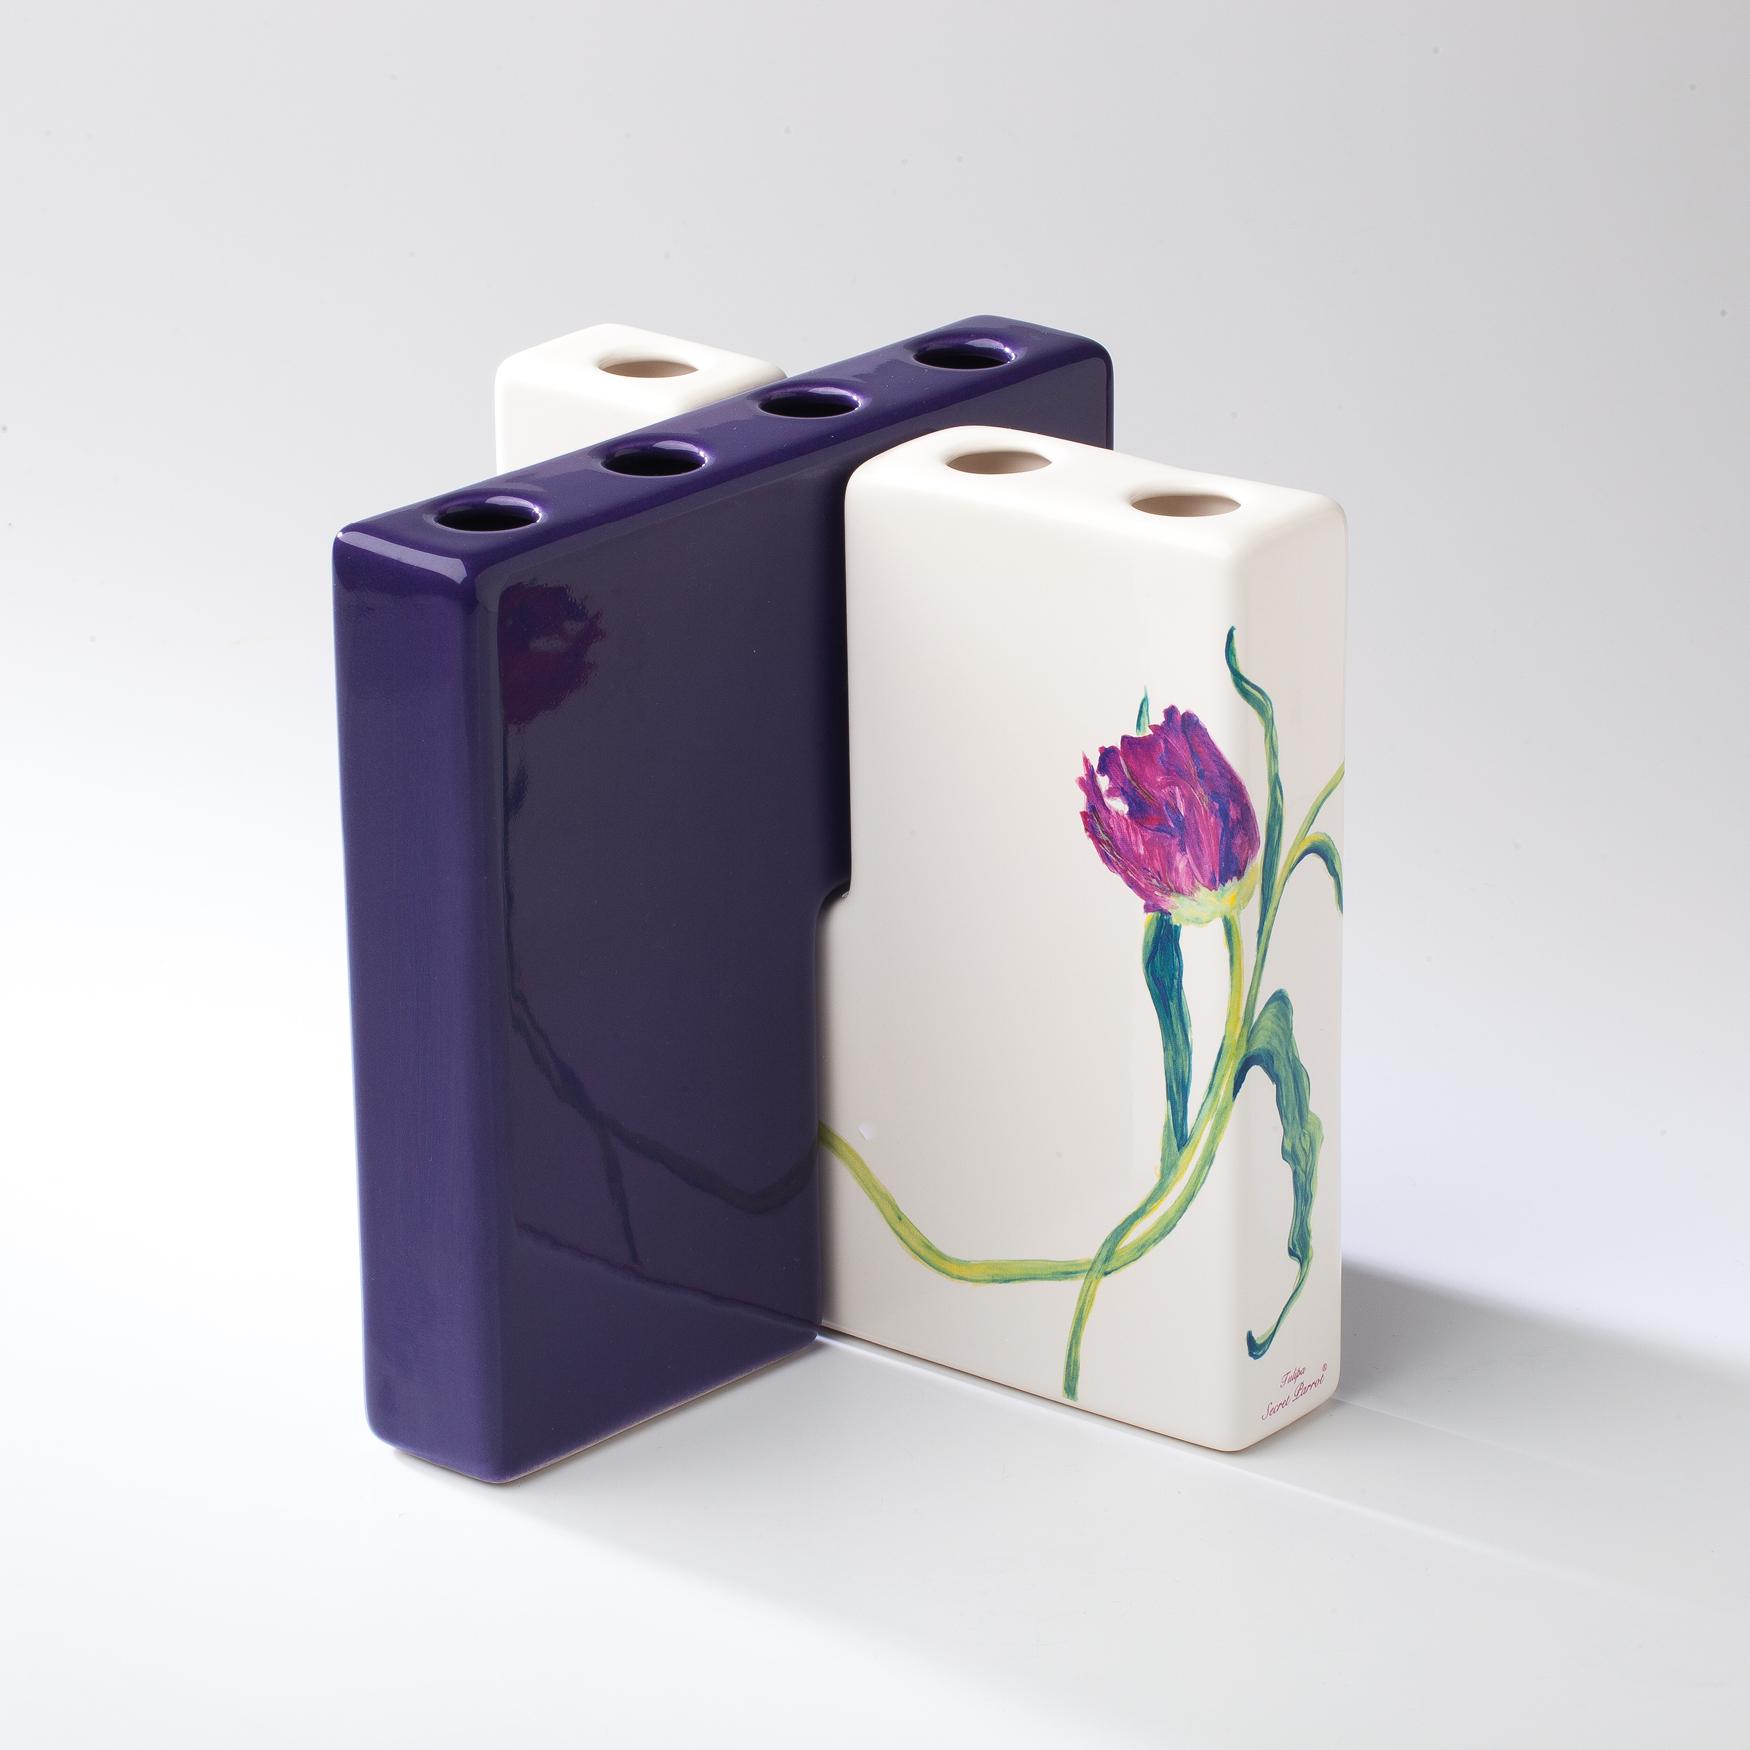 Dianthus-Flowers-Gallery-Vases-1902-5.jpg